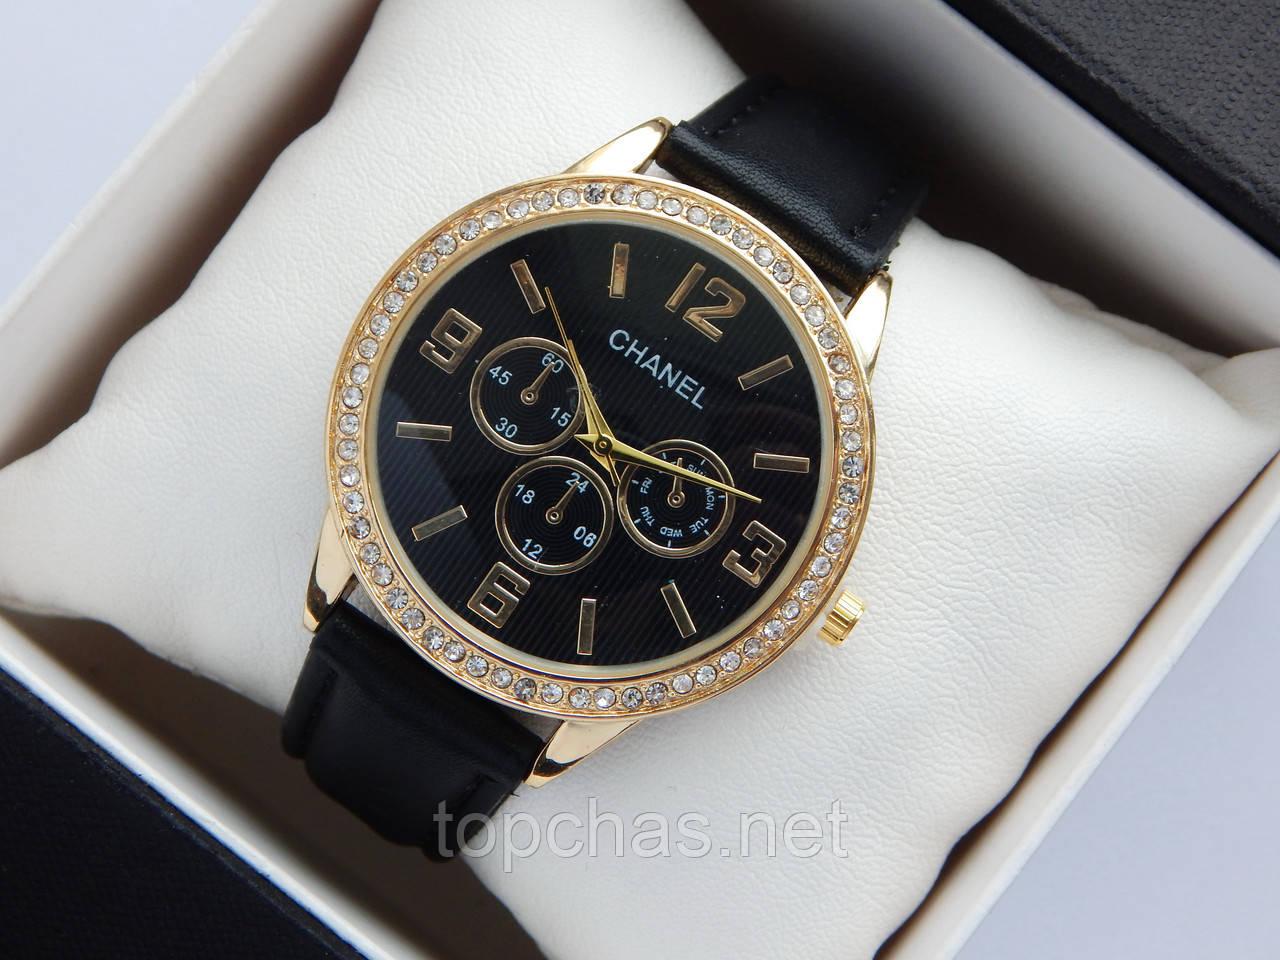 Наручные часы со стразами на циферблате часы наручные женские чайка золотые цена